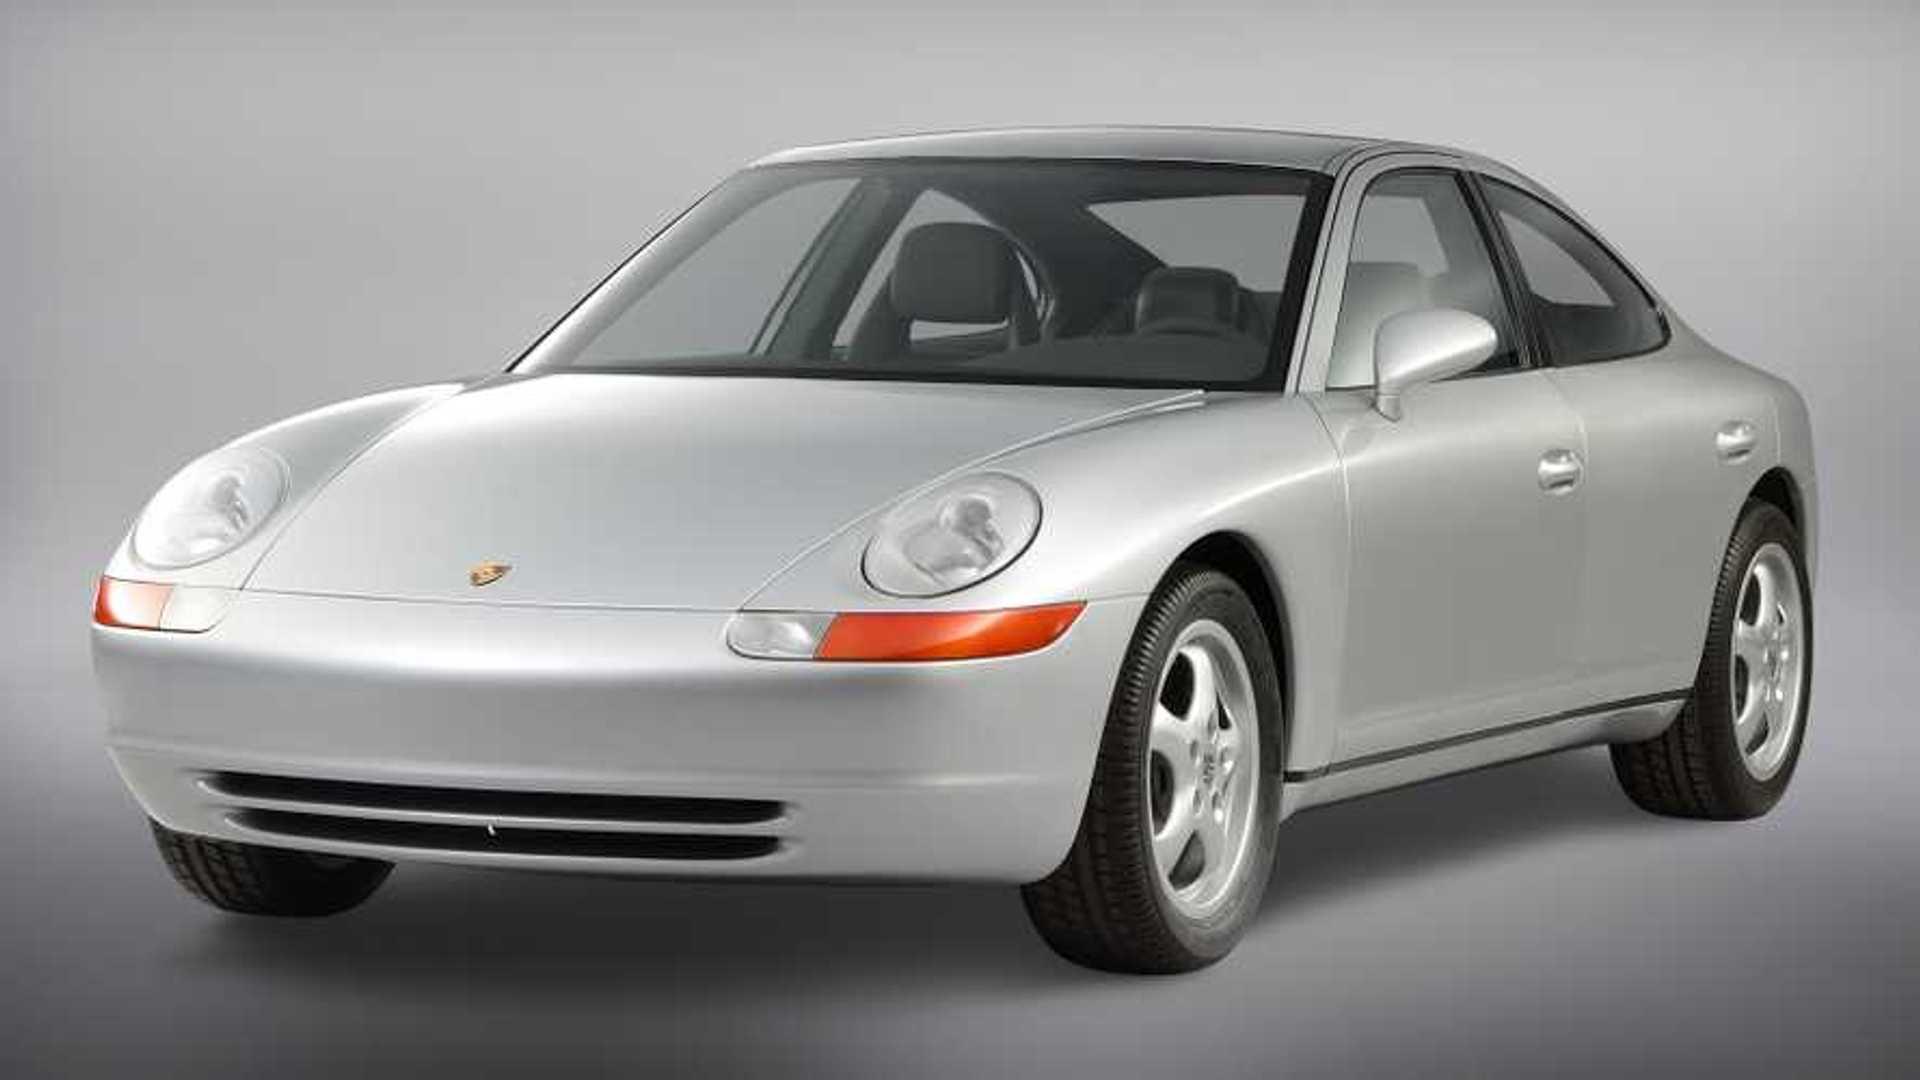 Porsche: Viersitzer-Konzepte aus sieben Jahrzehnten